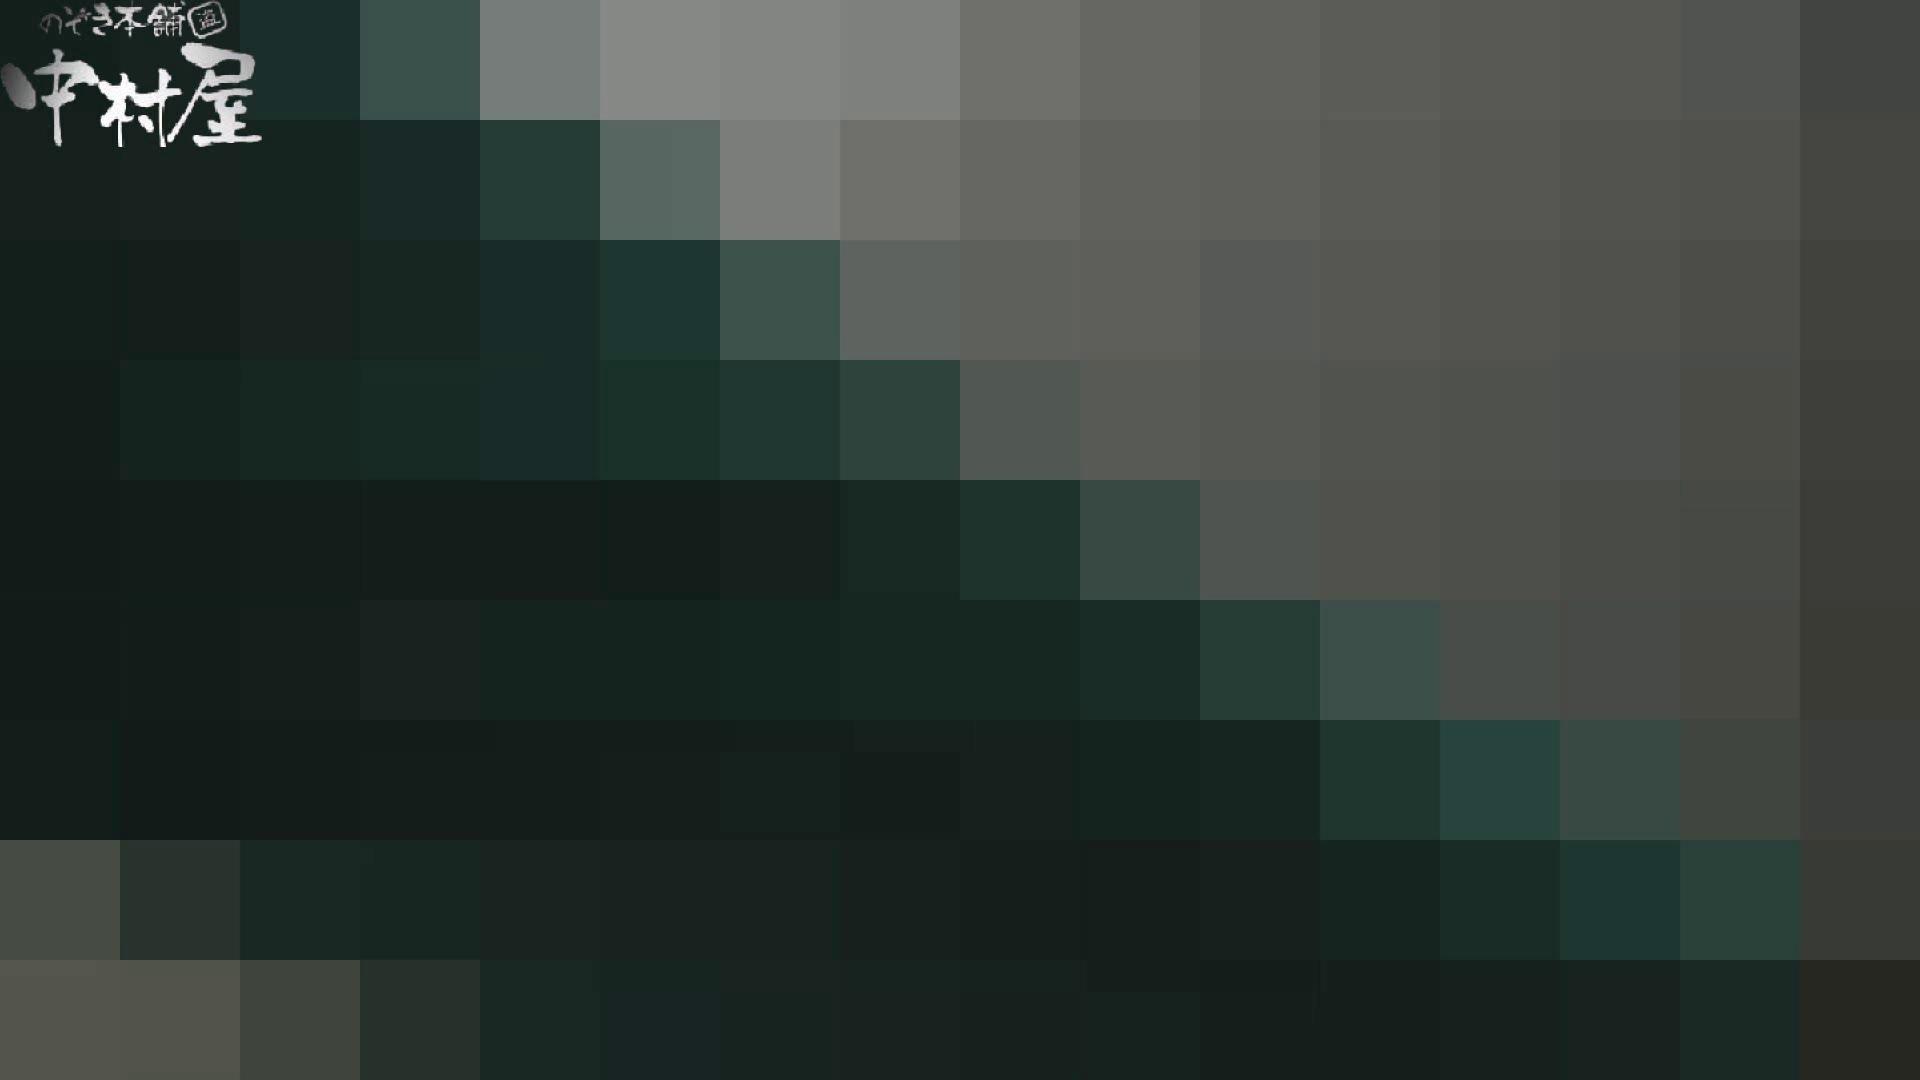 【お銀さんの「洗面所突入レポート!!」】お銀さんの「洗面所突入レポート!!」 vol.28小島陽菜似のピンクオシャレさん 美しいOLの裸体   洗面所突入  102pic 73